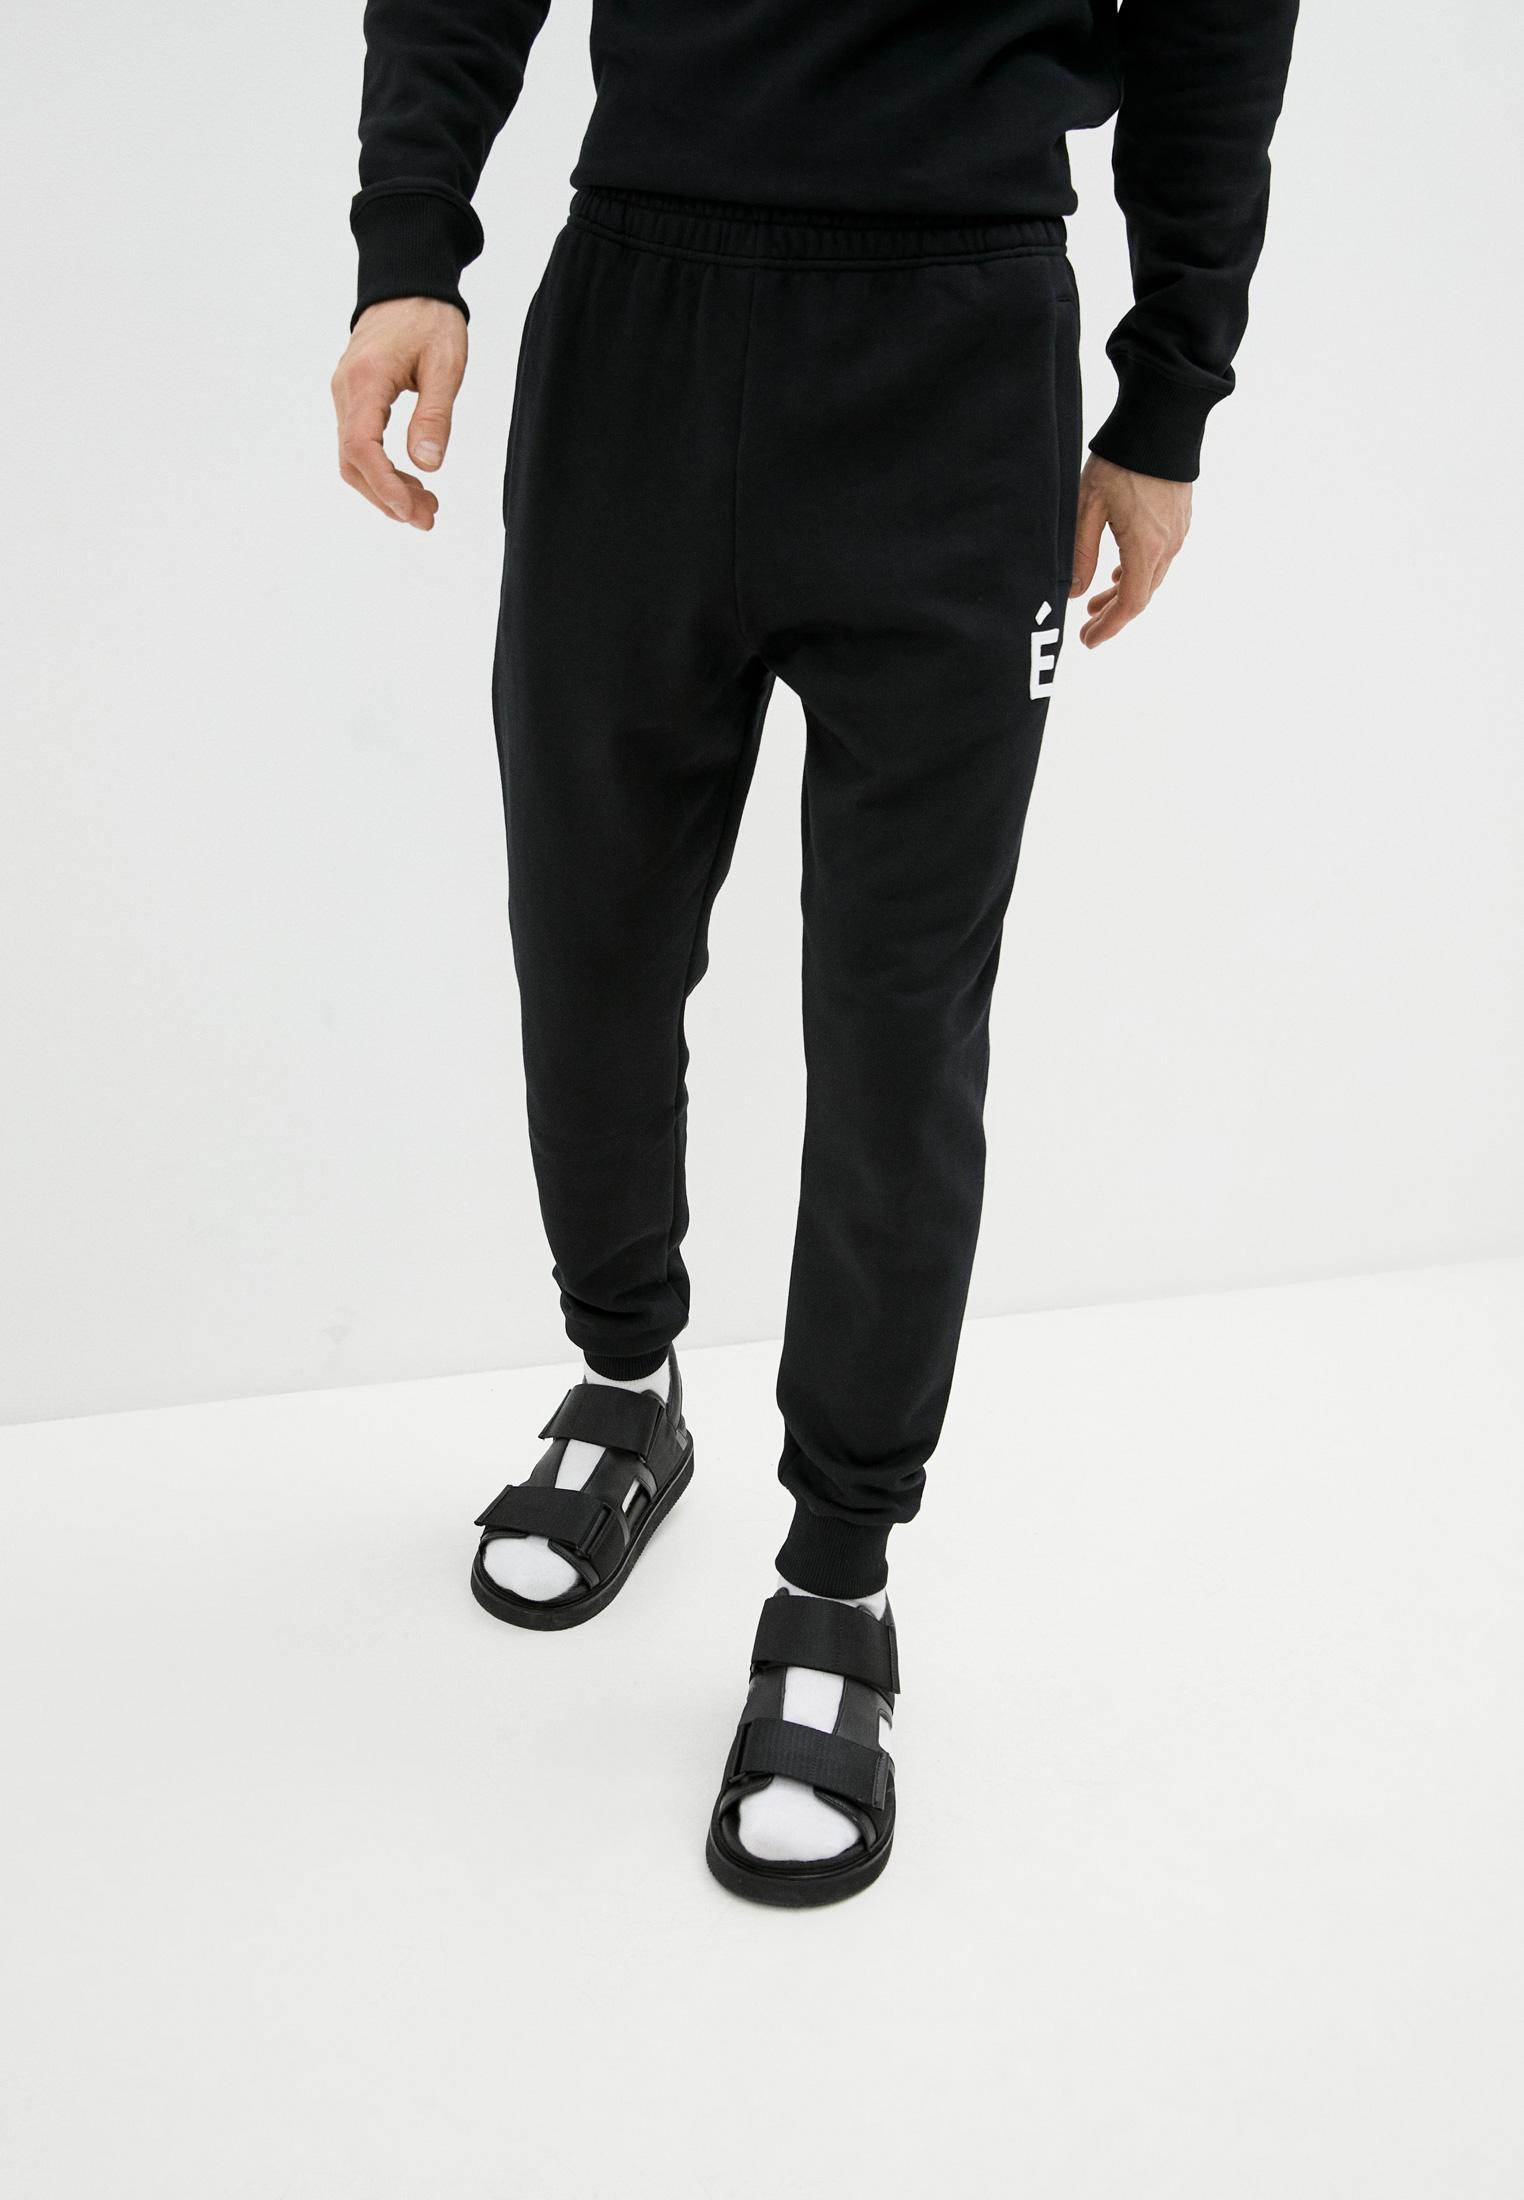 Мужские спортивные брюки Etudes Брюки спортивные Etudes